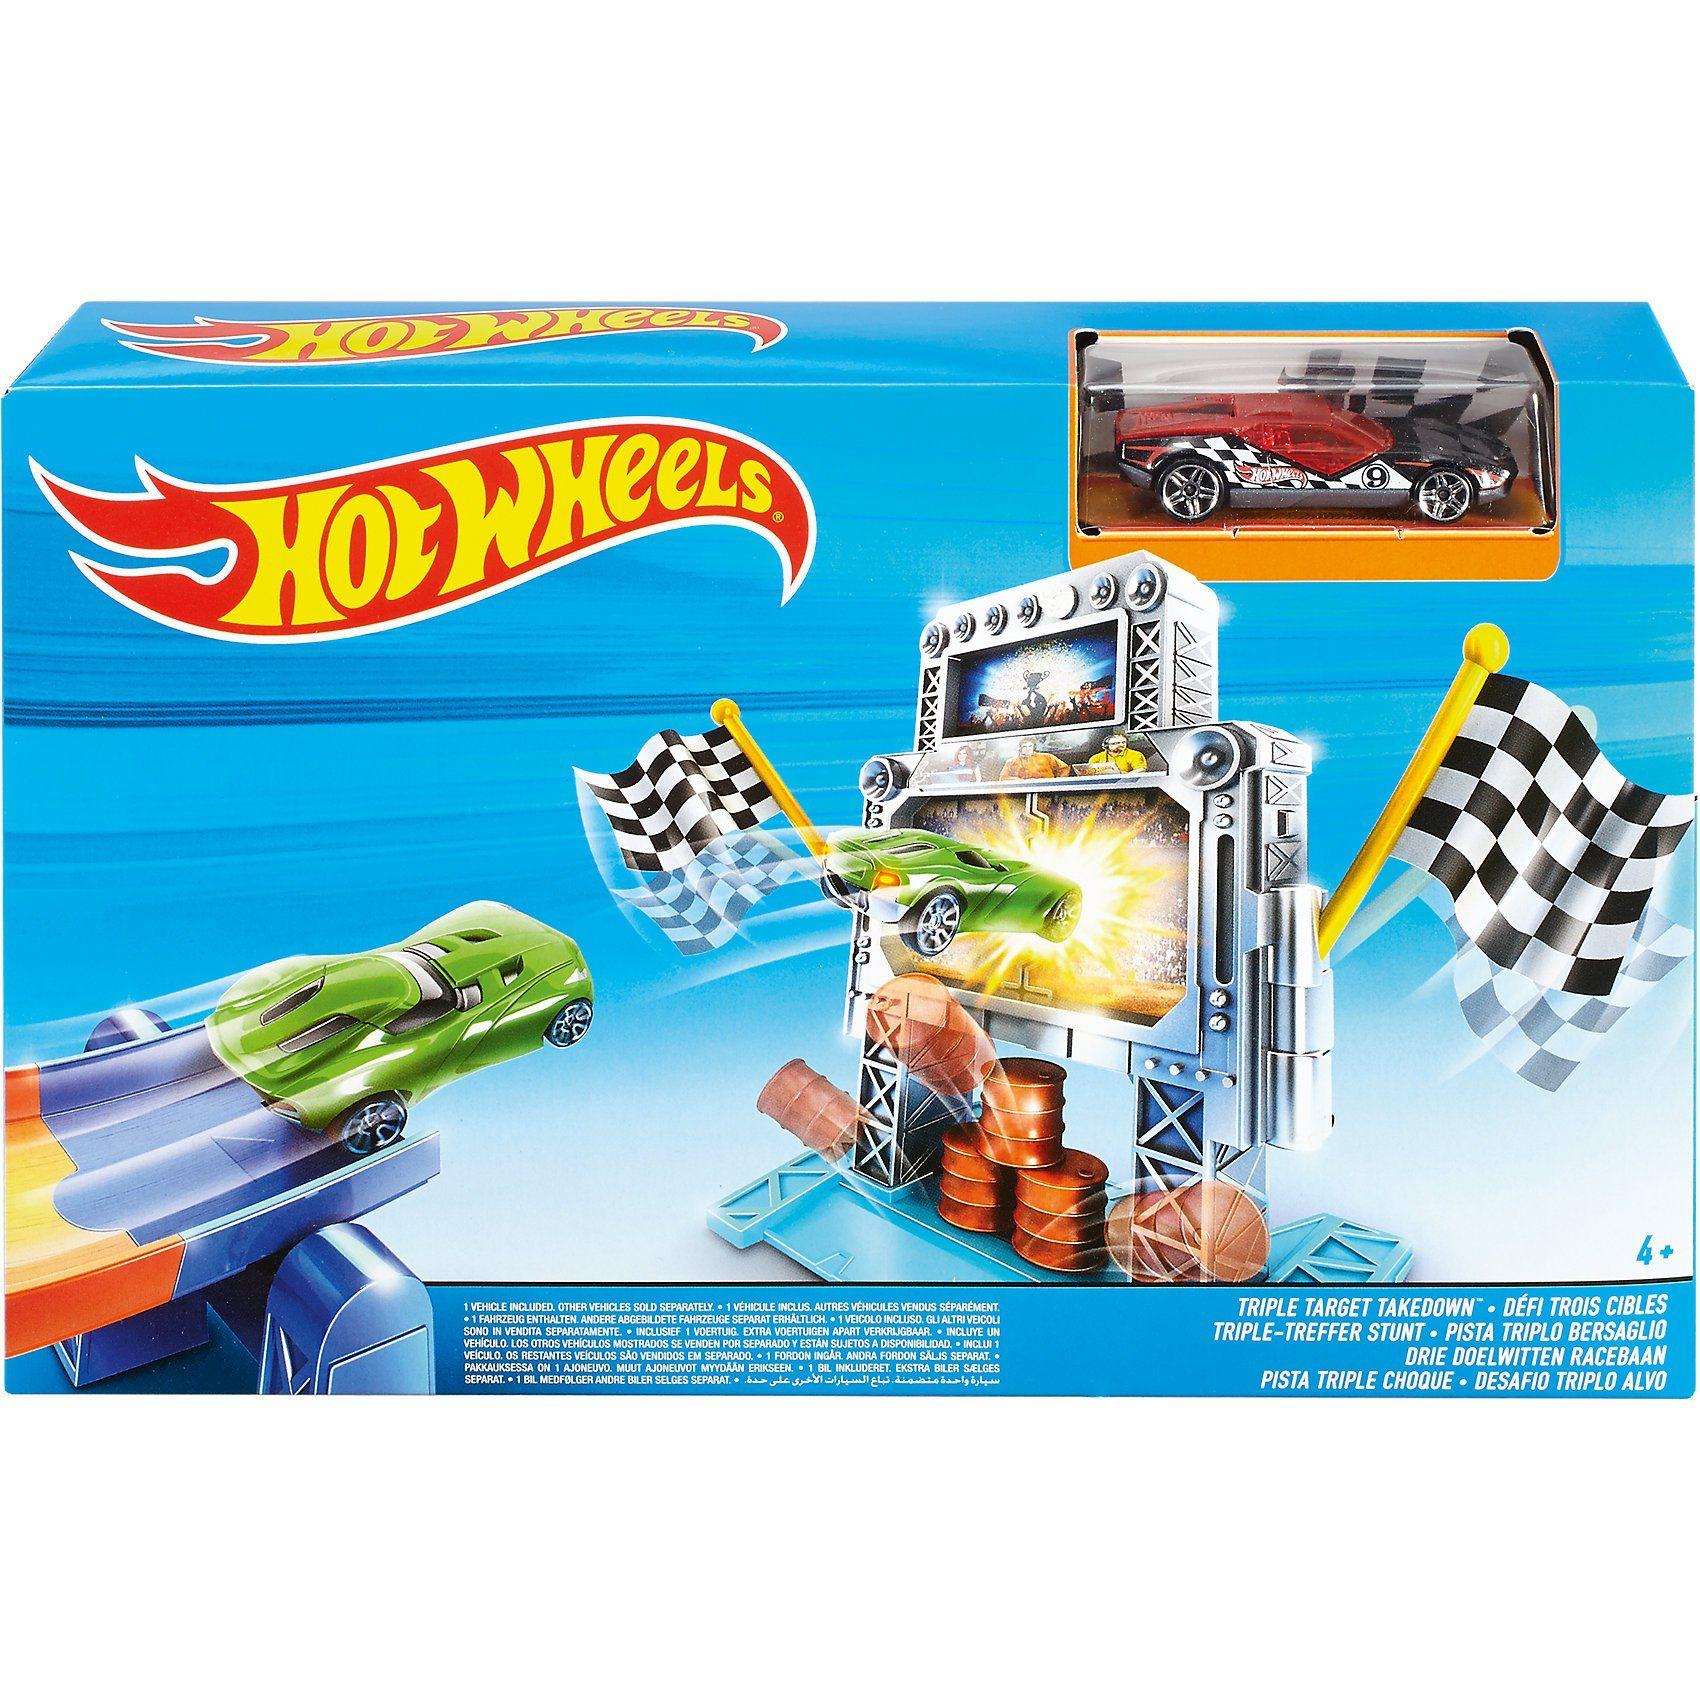 Mattel Hot Wheels Triple-Treffer Stunt